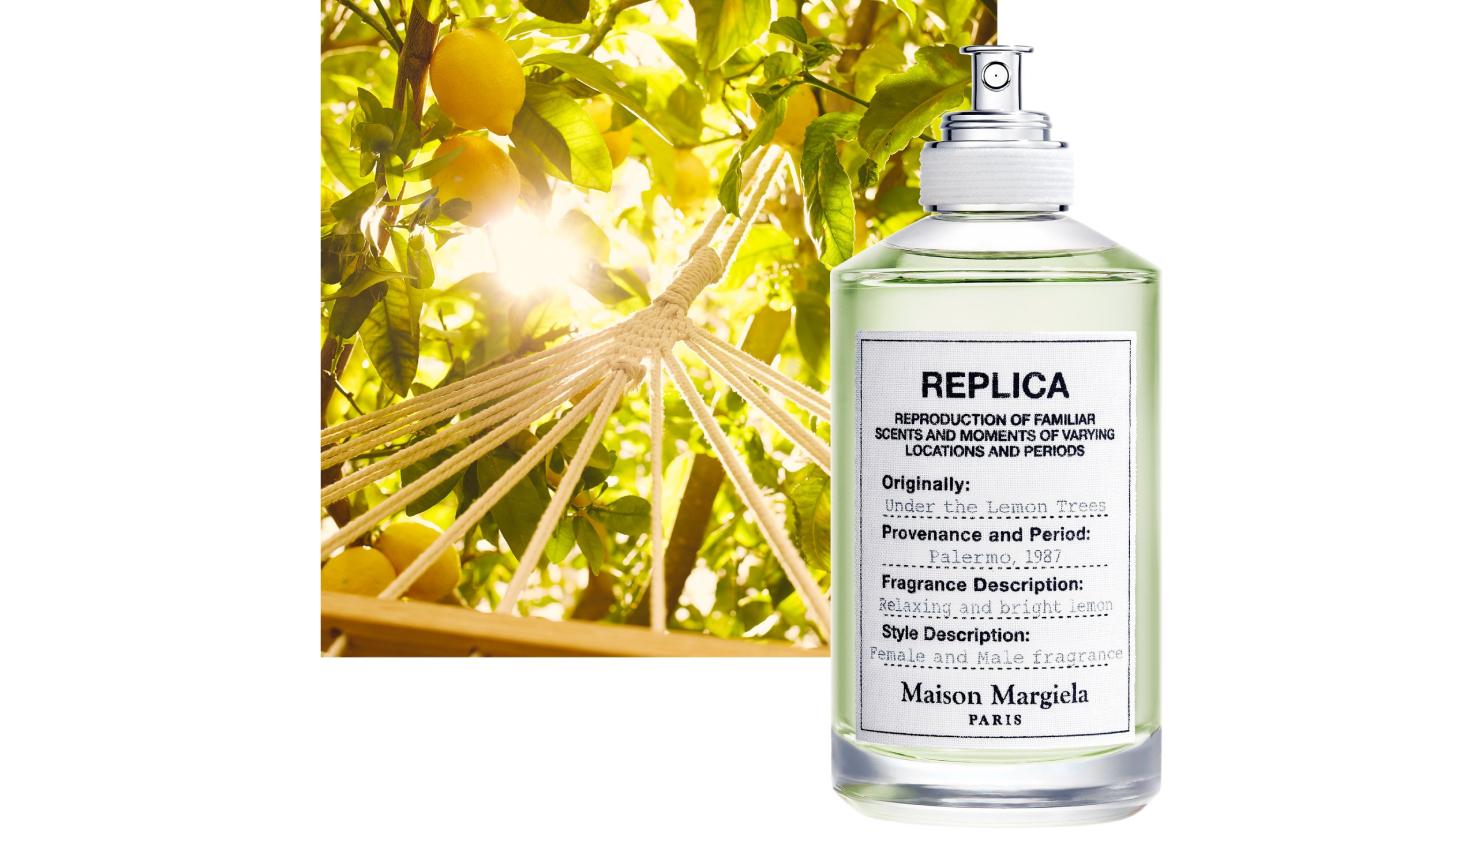 perfume maison margiela, perfumes unisex